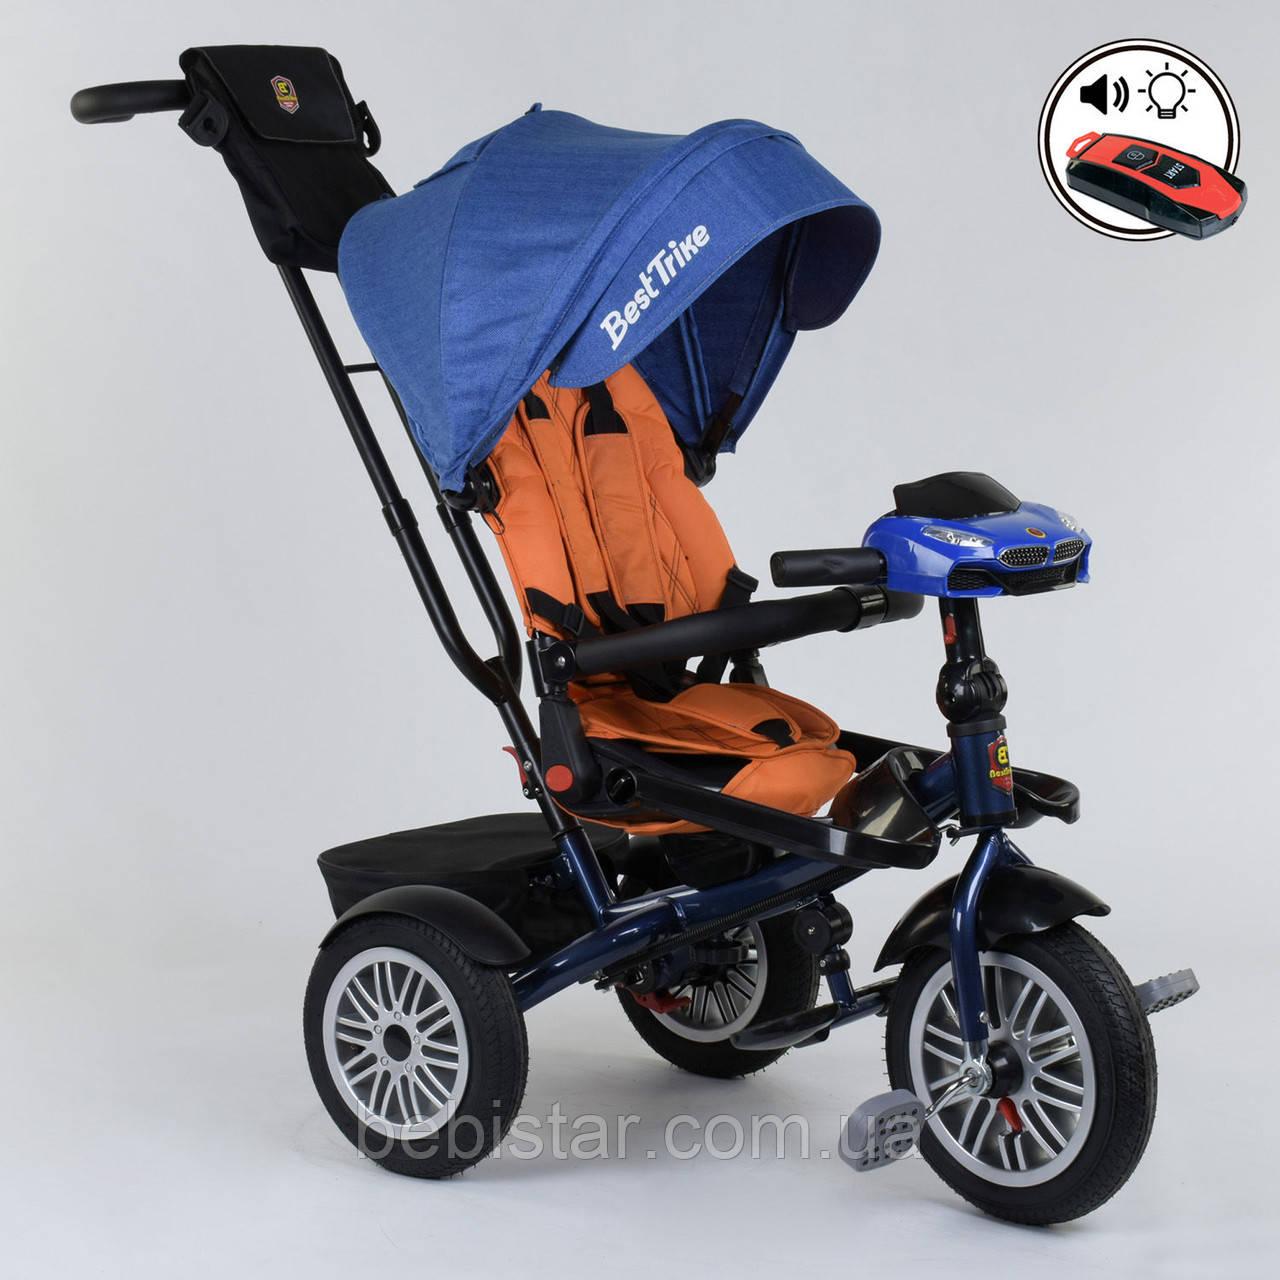 Трехколесный велосипед синий Best Trikeмодели9288 пульт надувные колеса поворотное сидение музыка свет